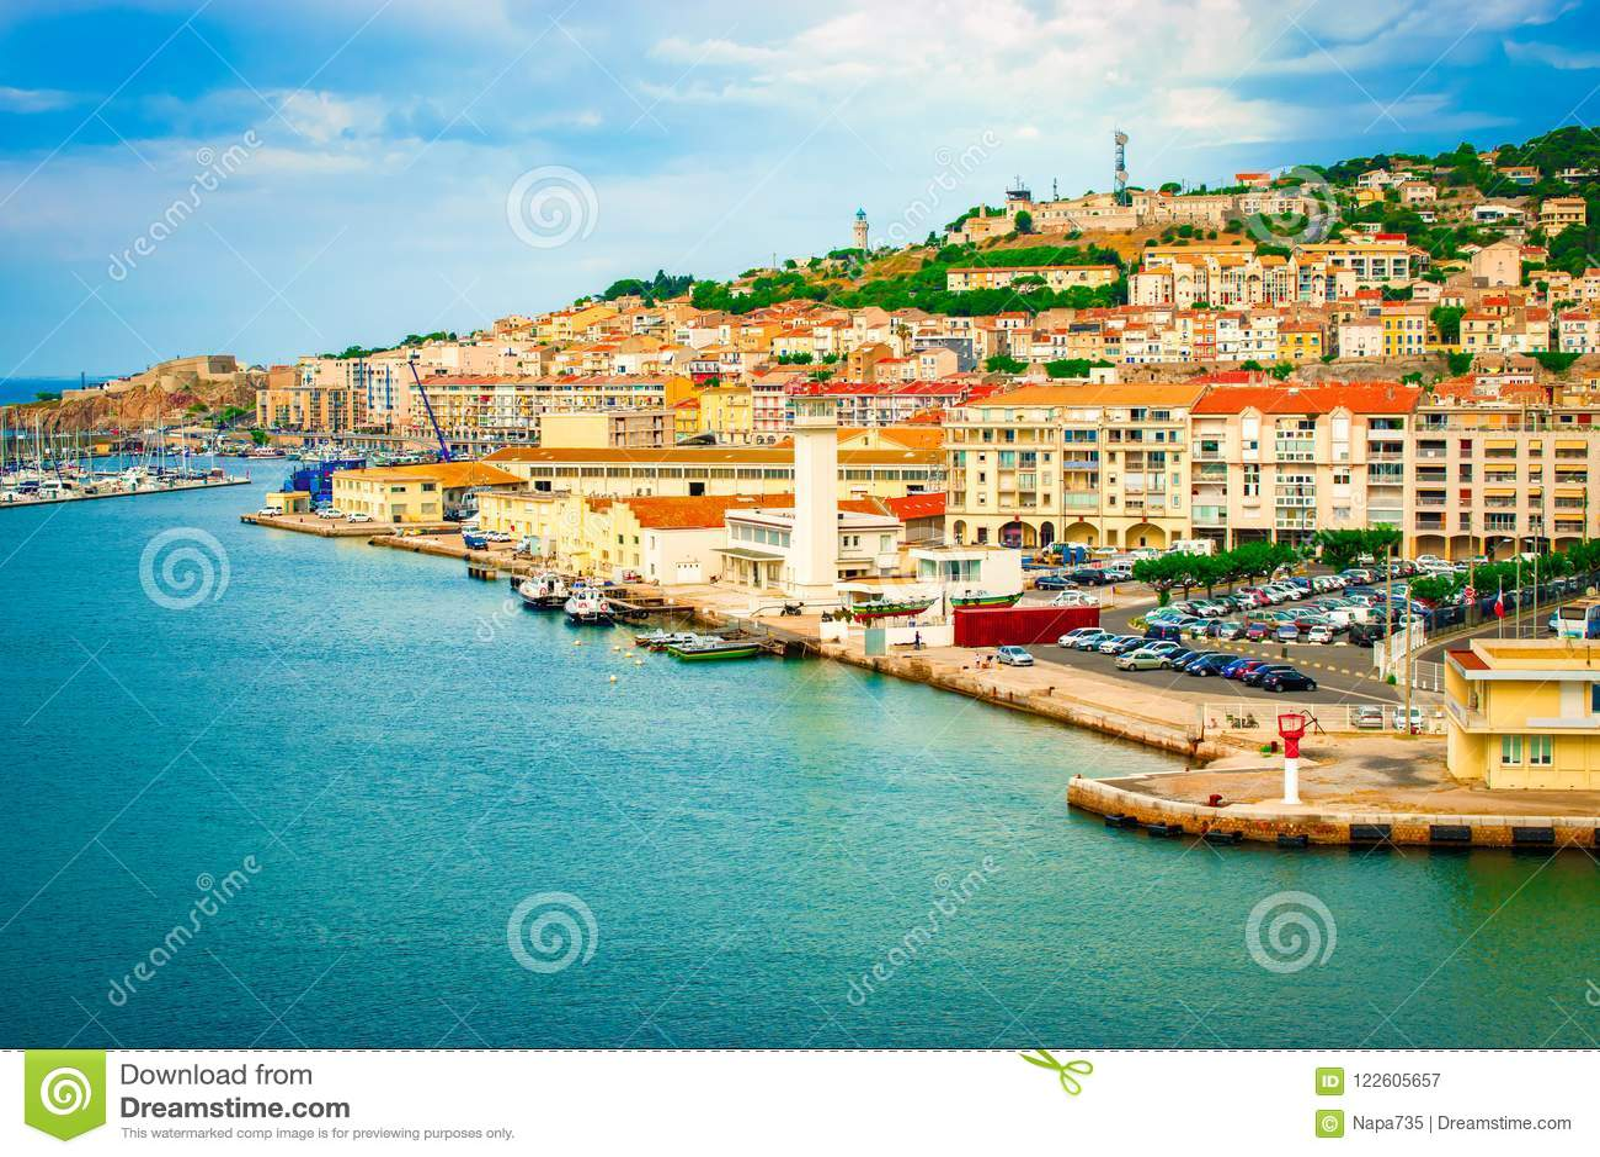 Puerto de Sete, Francia